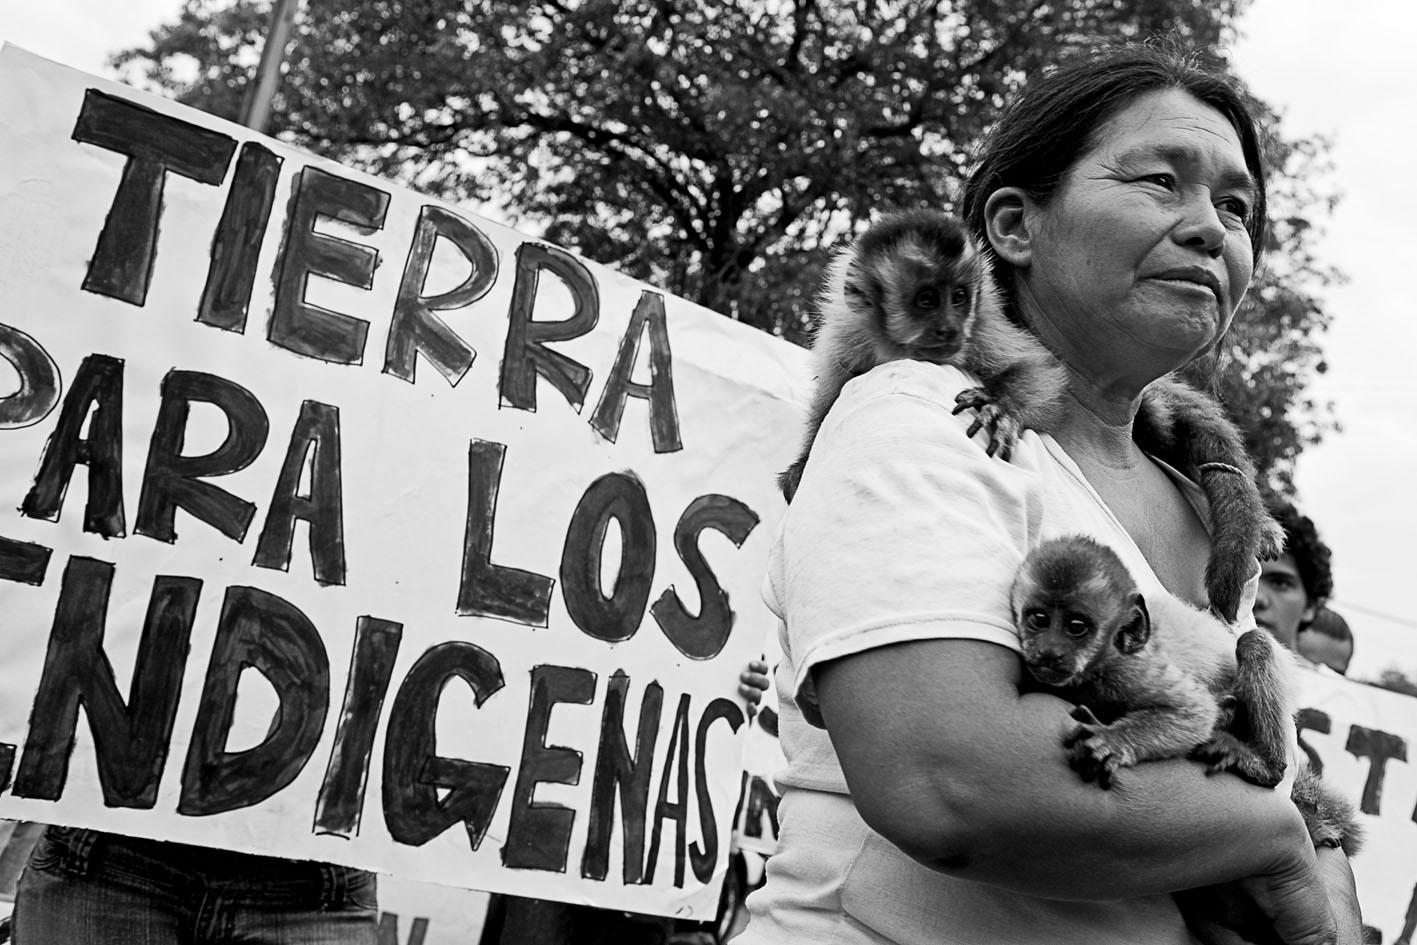 La población indígena paraguaya sigue reclamando sus tierras. La distribución del territorio es uno de los grandes problemas del país. (Jairo Marcos)